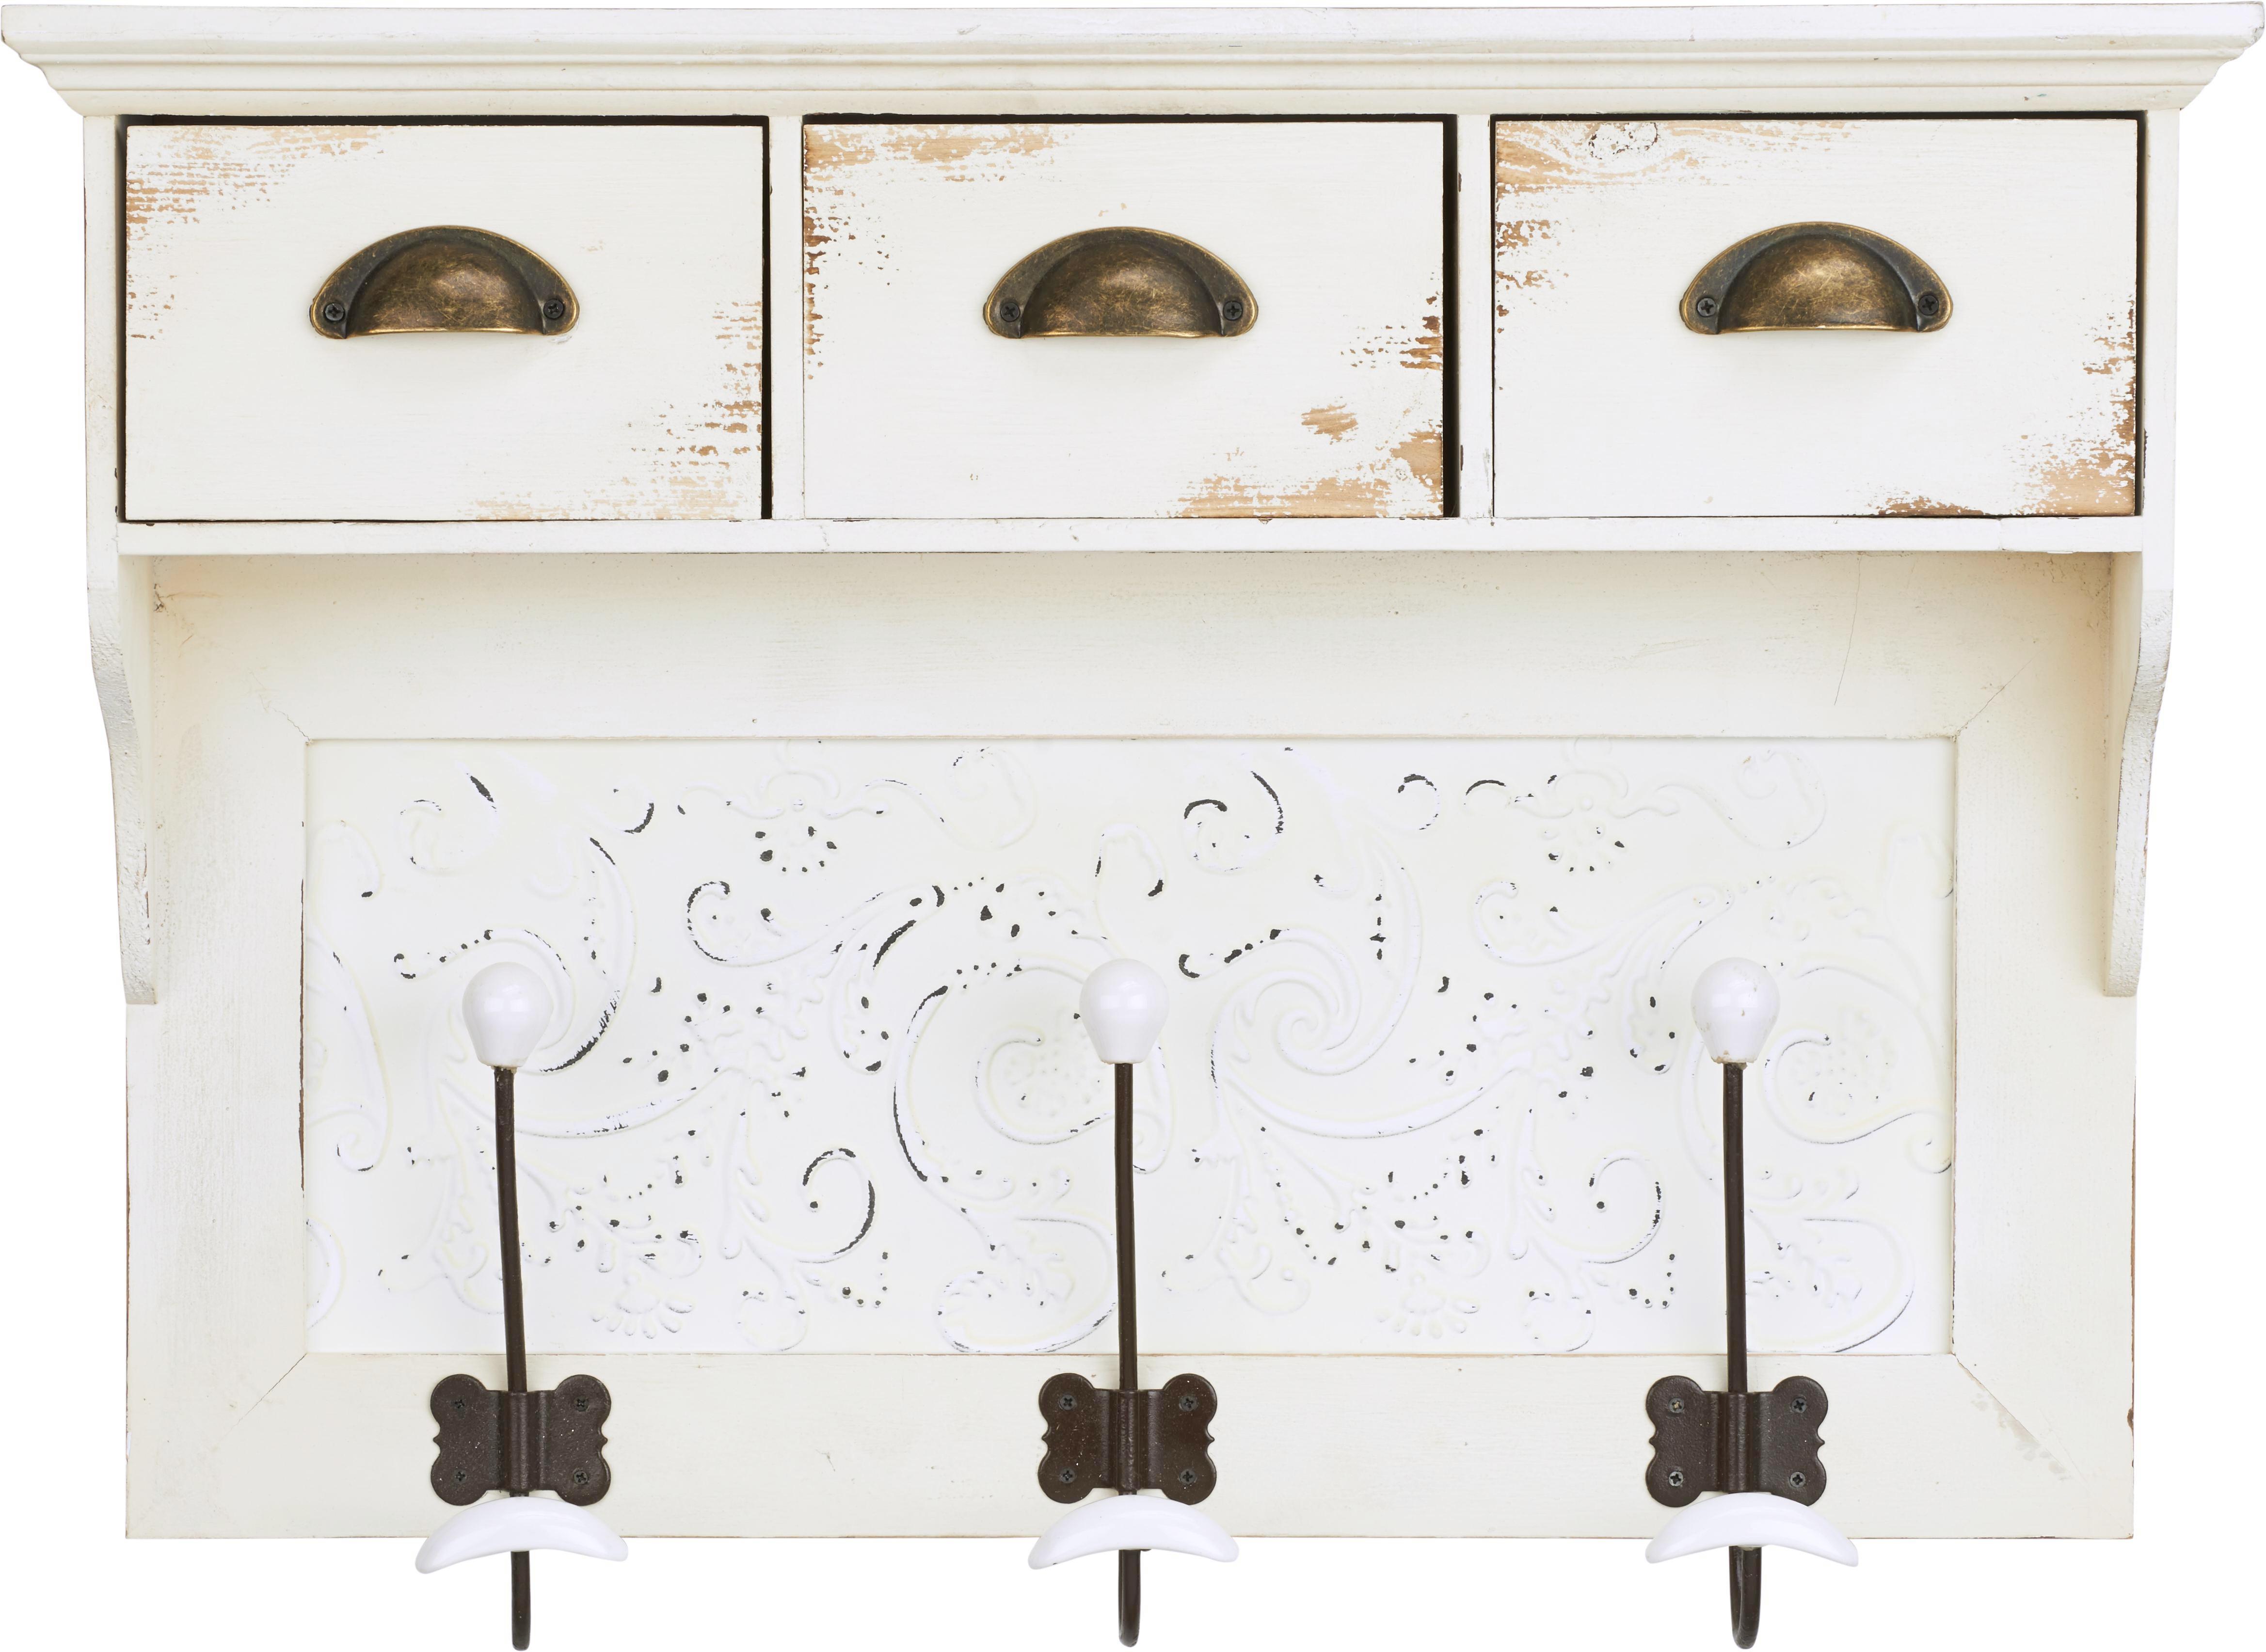 Hängeelement Ben - Bronzefarben/Weiß, Holz/Keramik (68/15,5/50cm) - PREMIUM LIVING